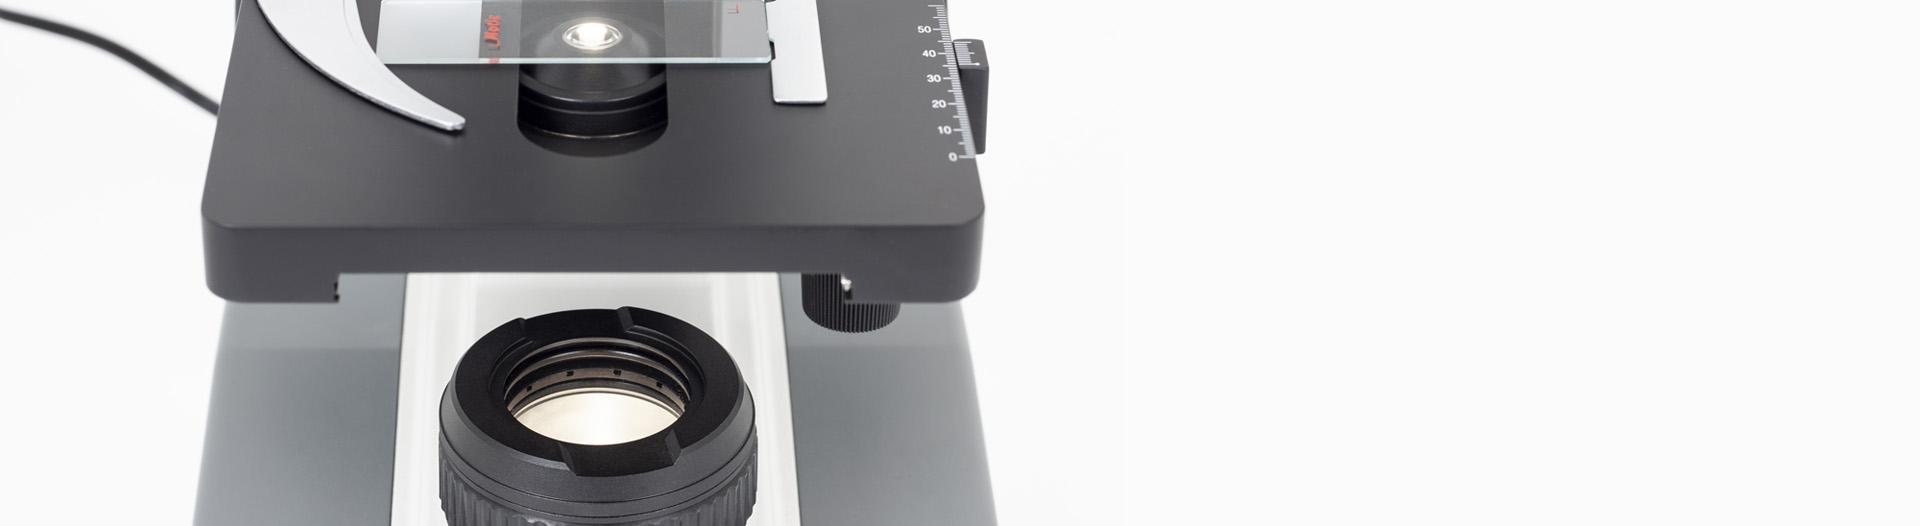 B3 microscope Illumination